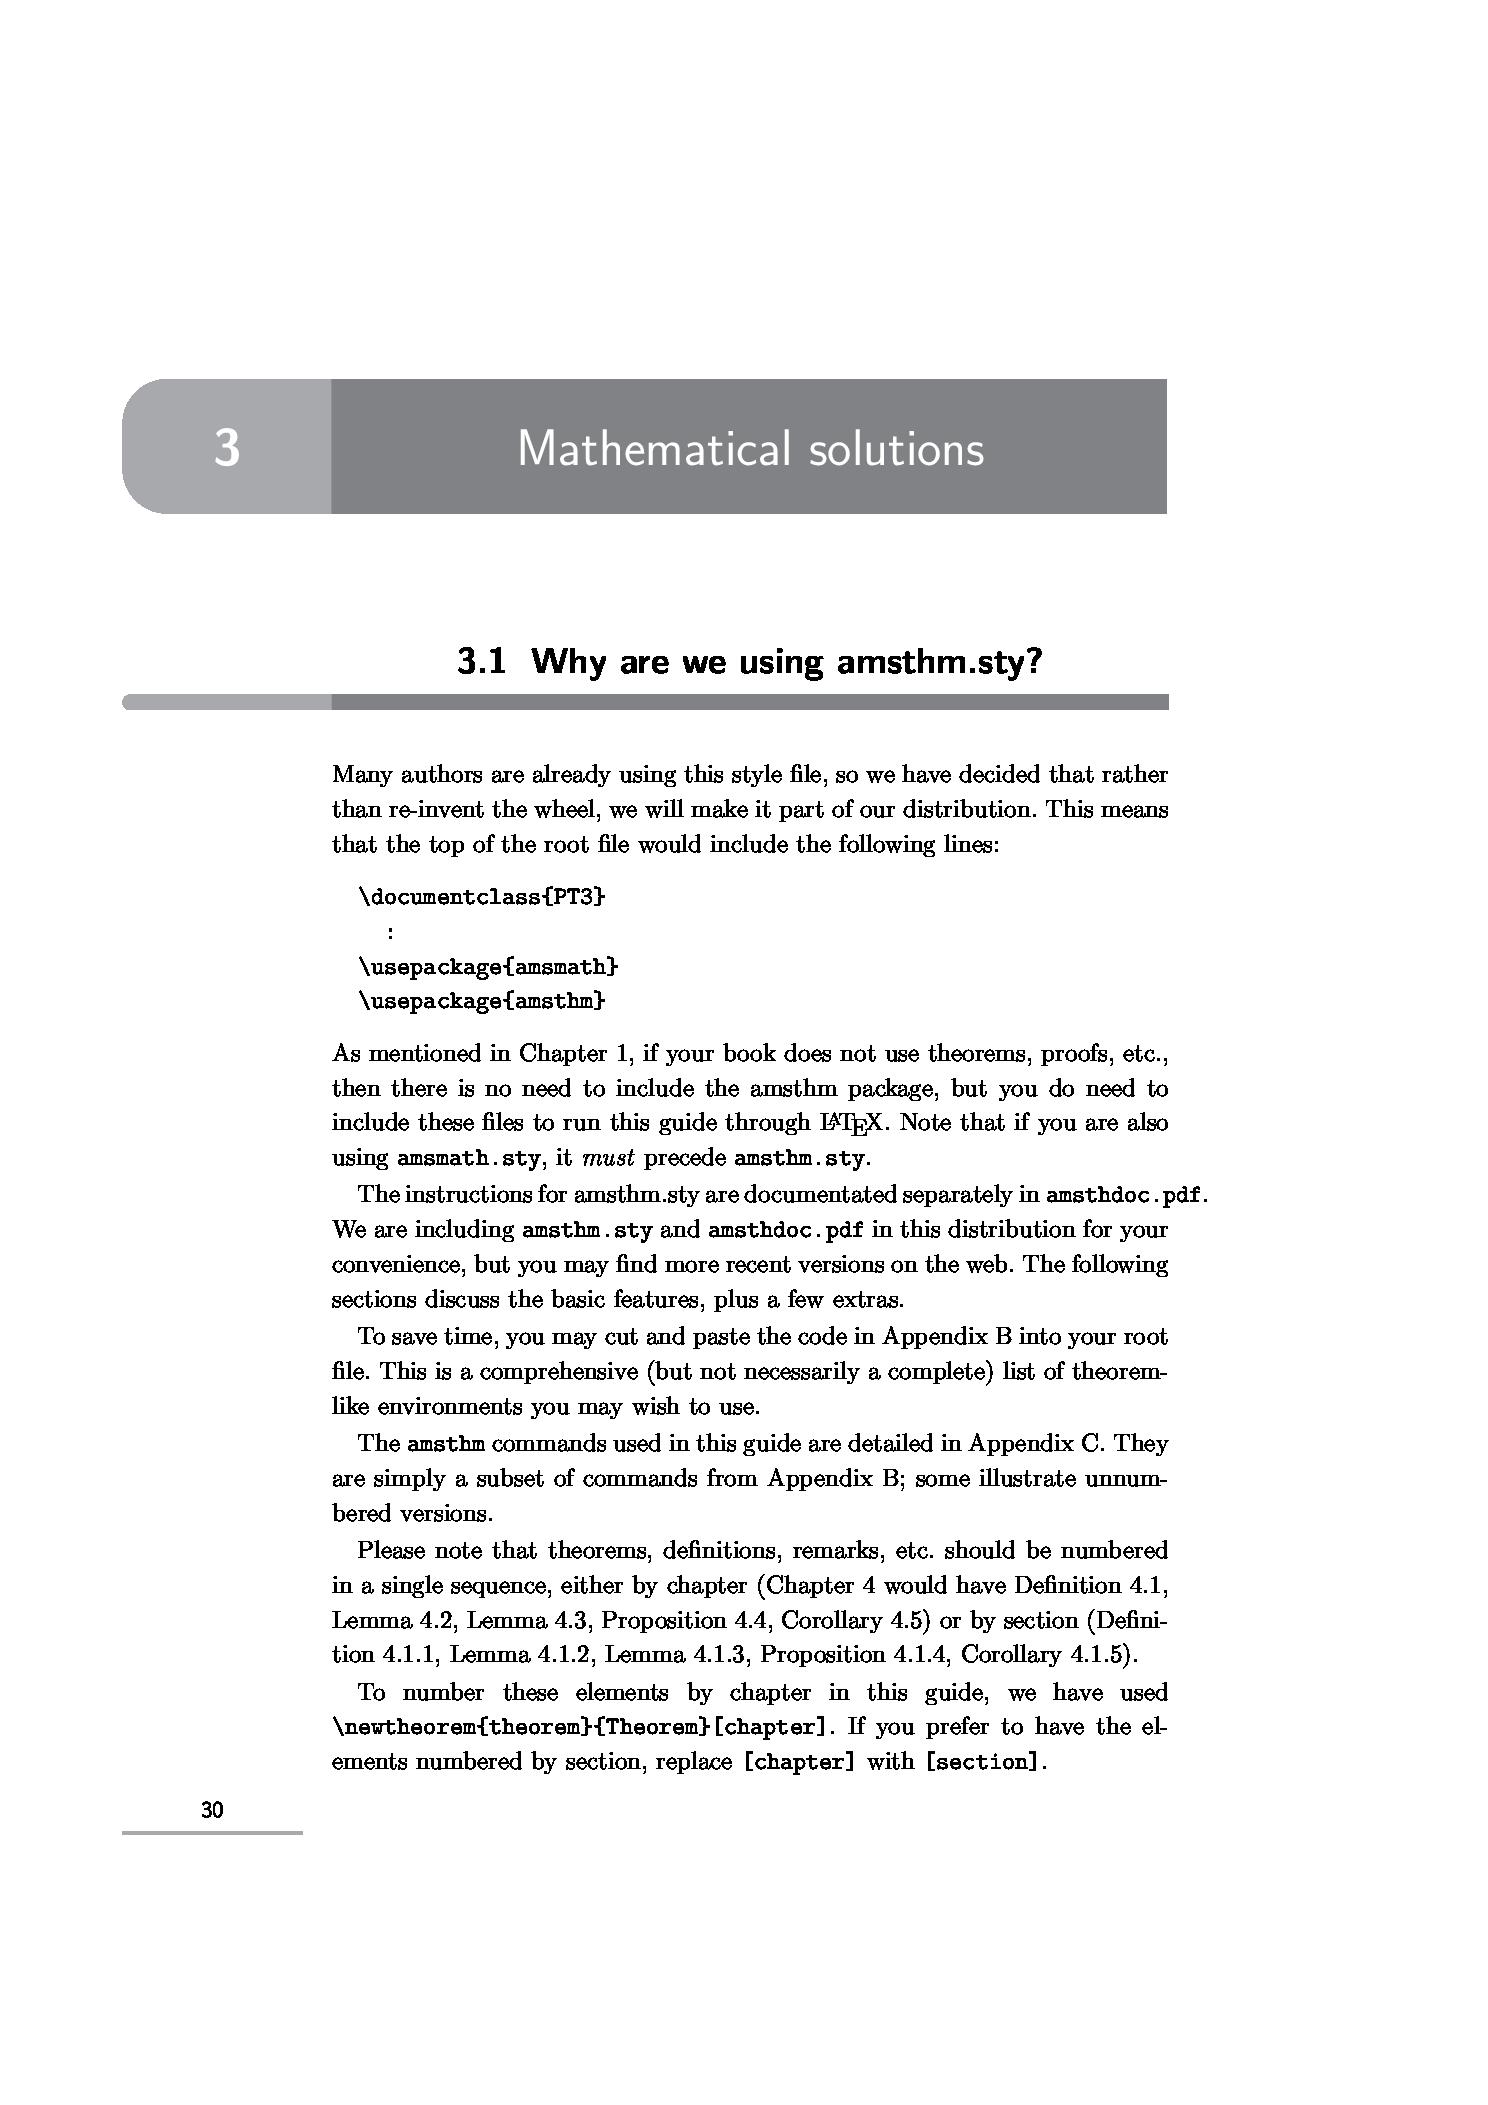 老版剑桥大学出版社 LaTeX 模板 - 官网已不提供对外模板,适合学习和自己书籍编写